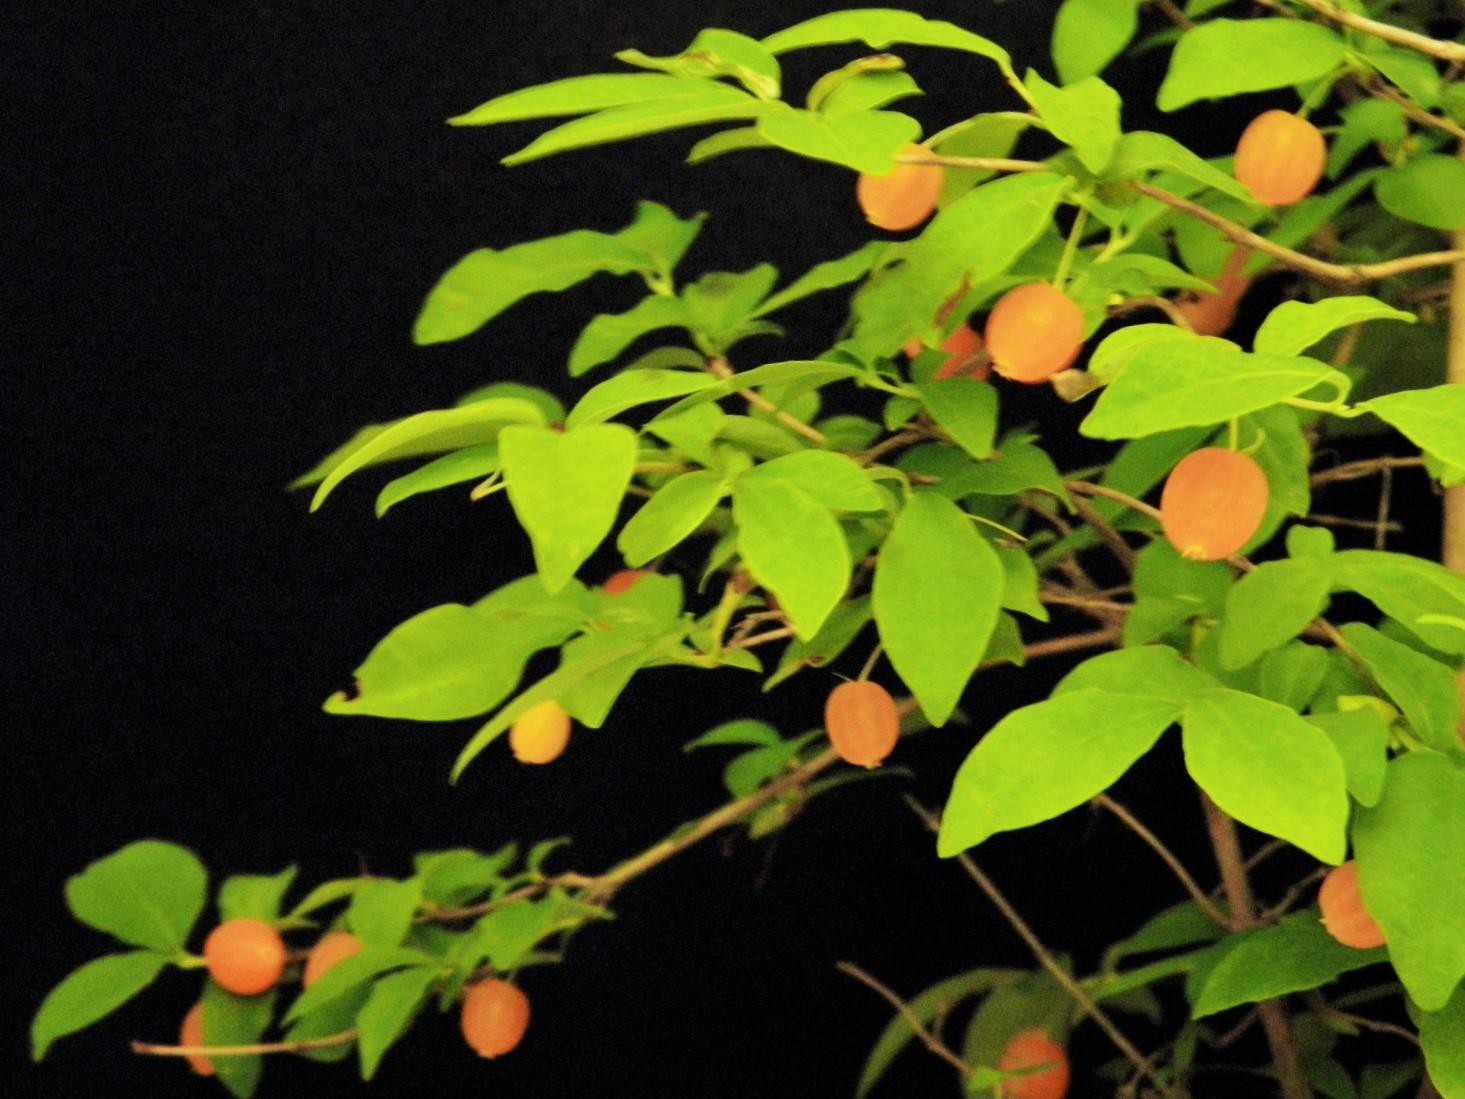 かわいい黄実は食べれます 珍品 花木 山野草 地植え 格安店 鉢植え ウグイスカグラ枝打小上苗20cm前後 黄実 青軸 白花 卸売り 茶花